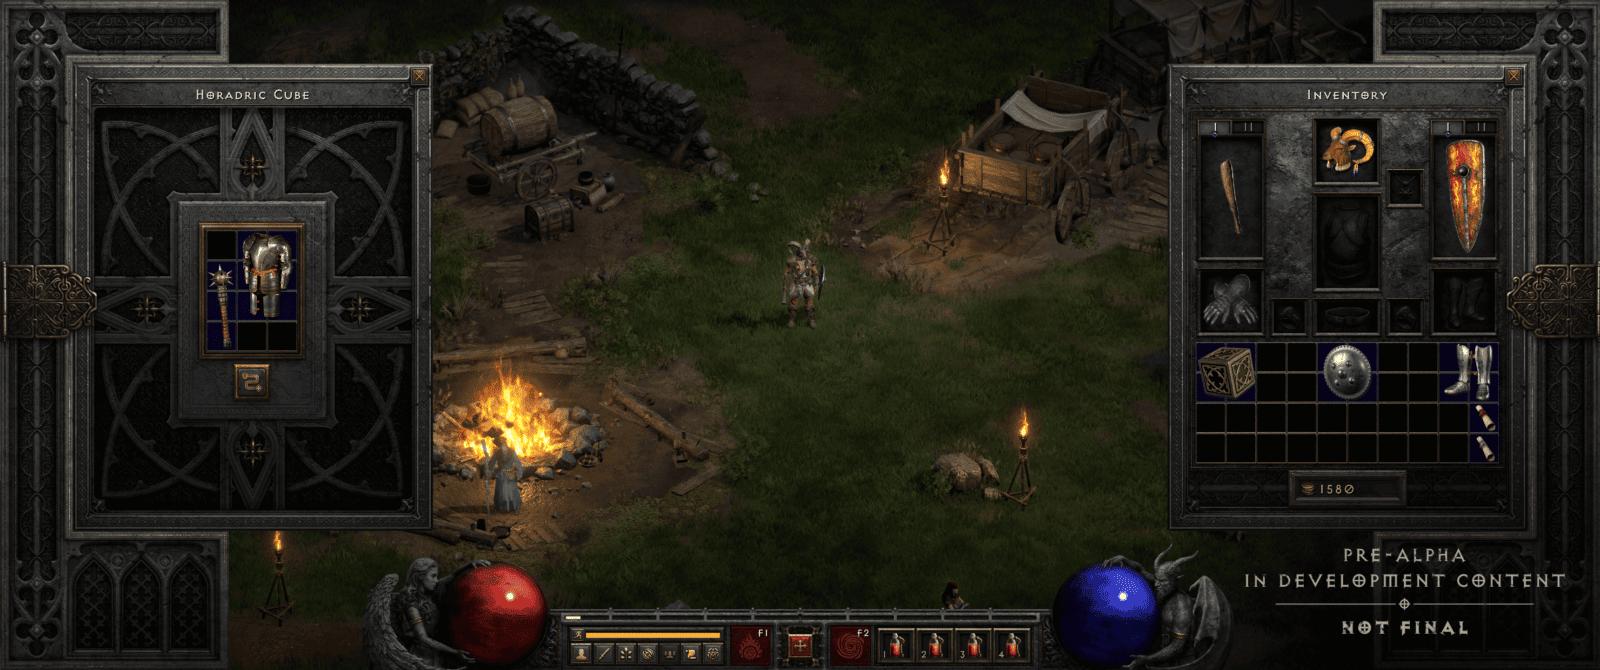 Diablo 2 Resurrected: Cubo inventario